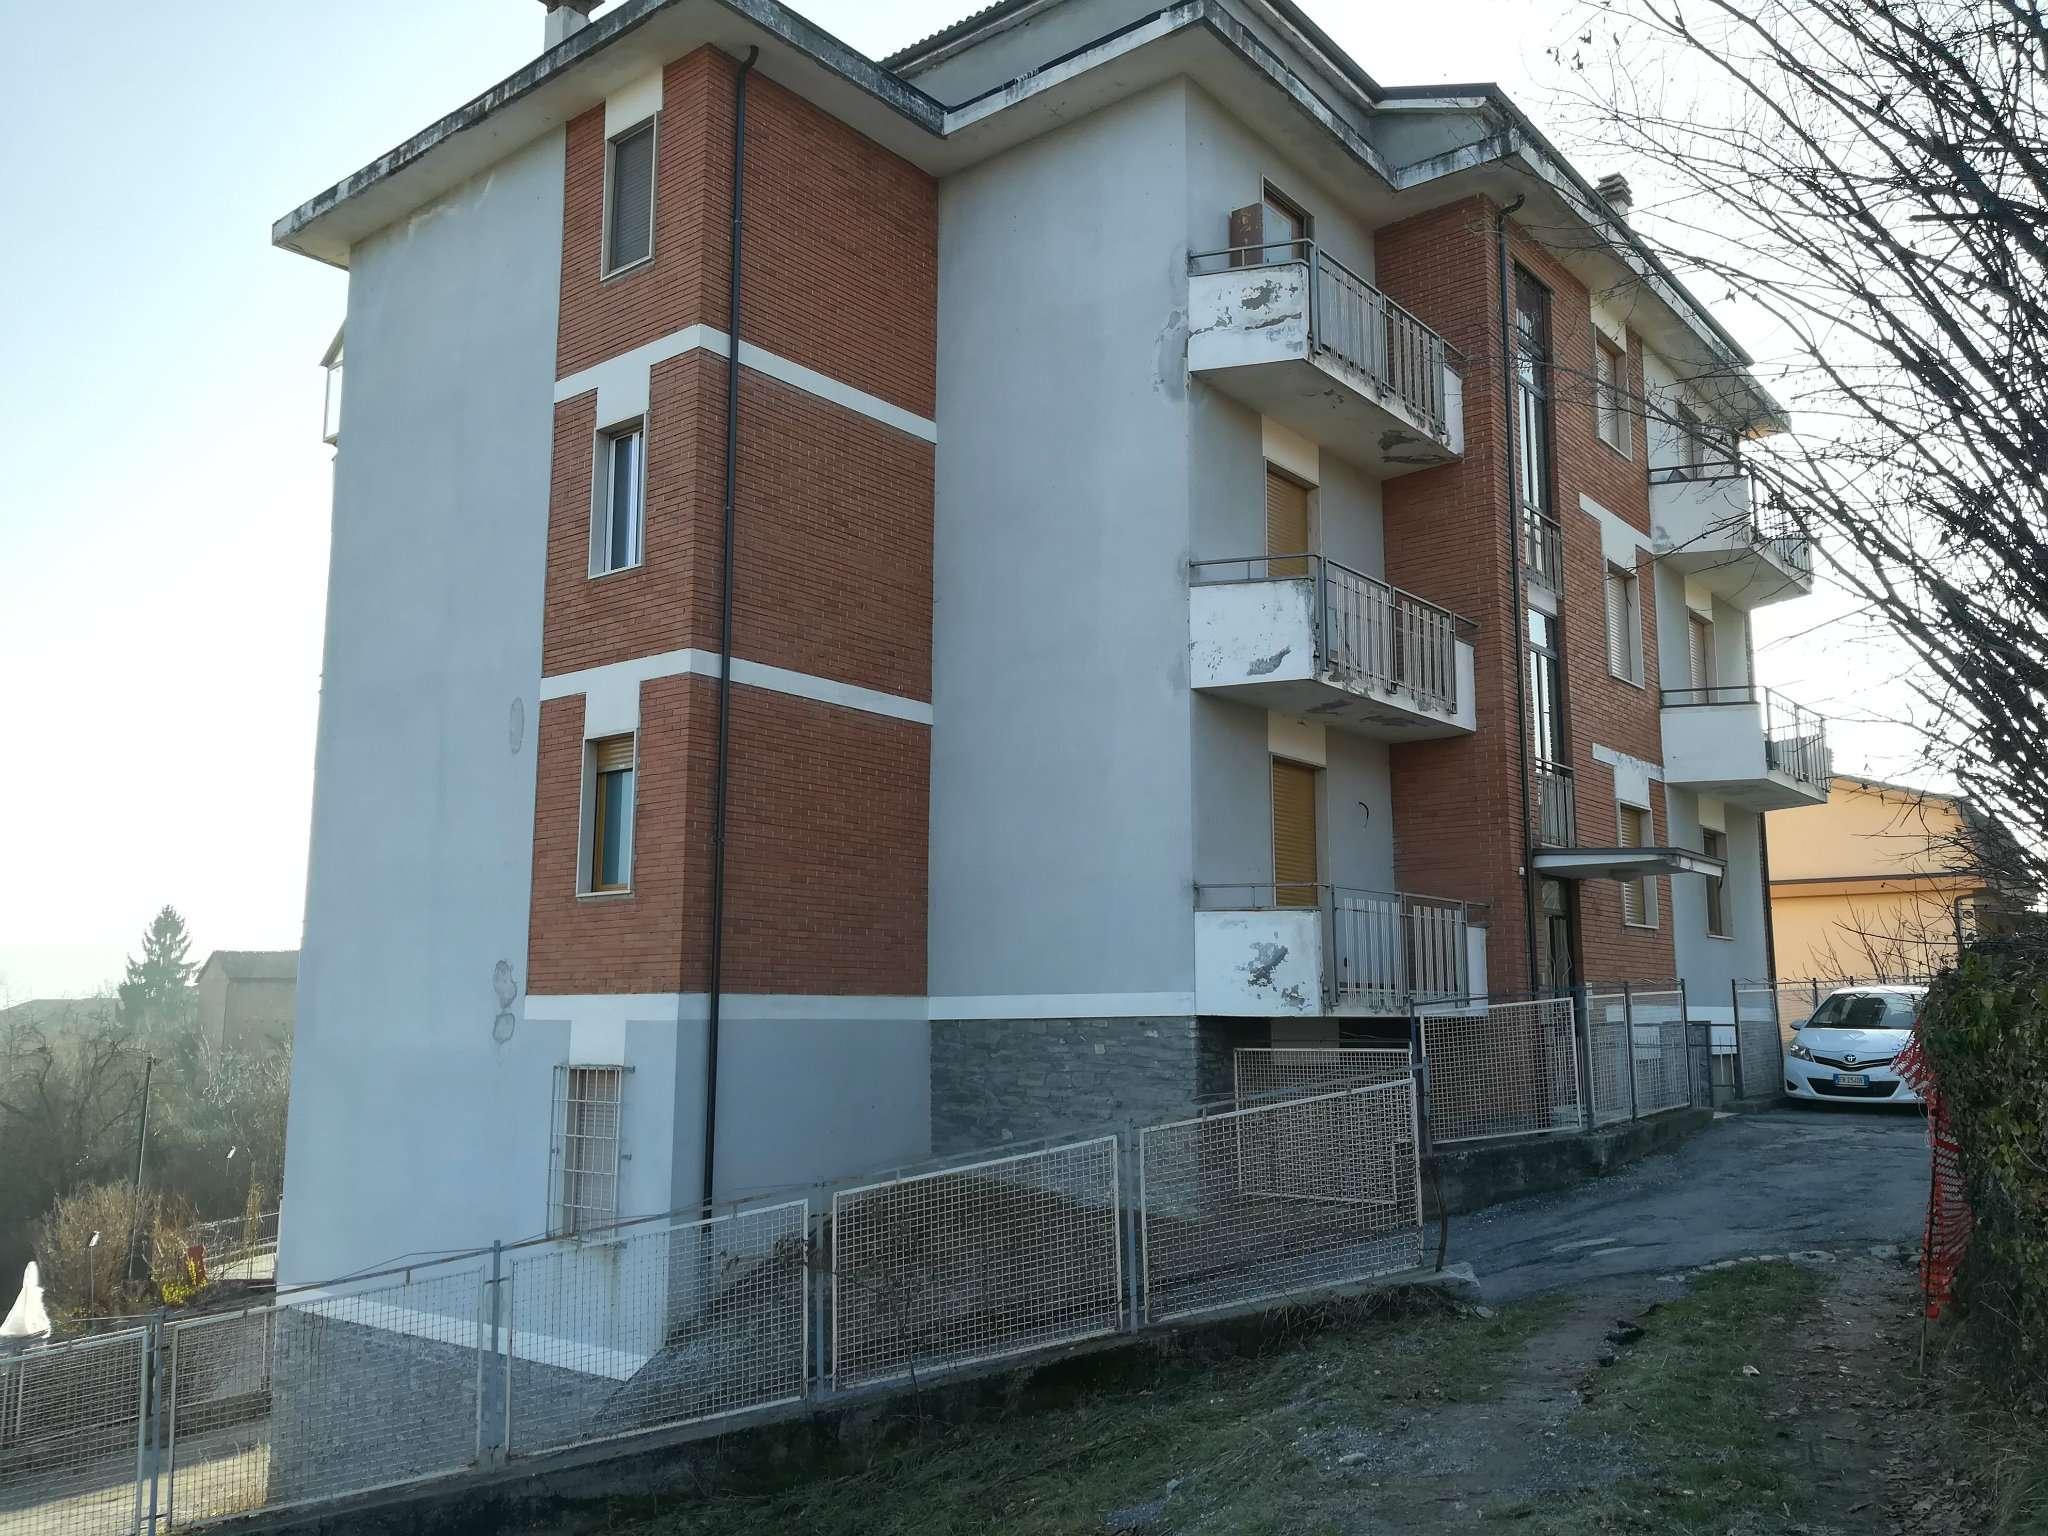 Appartamento in vendita a Vicoforte, 6 locali, prezzo € 33.000 | CambioCasa.it